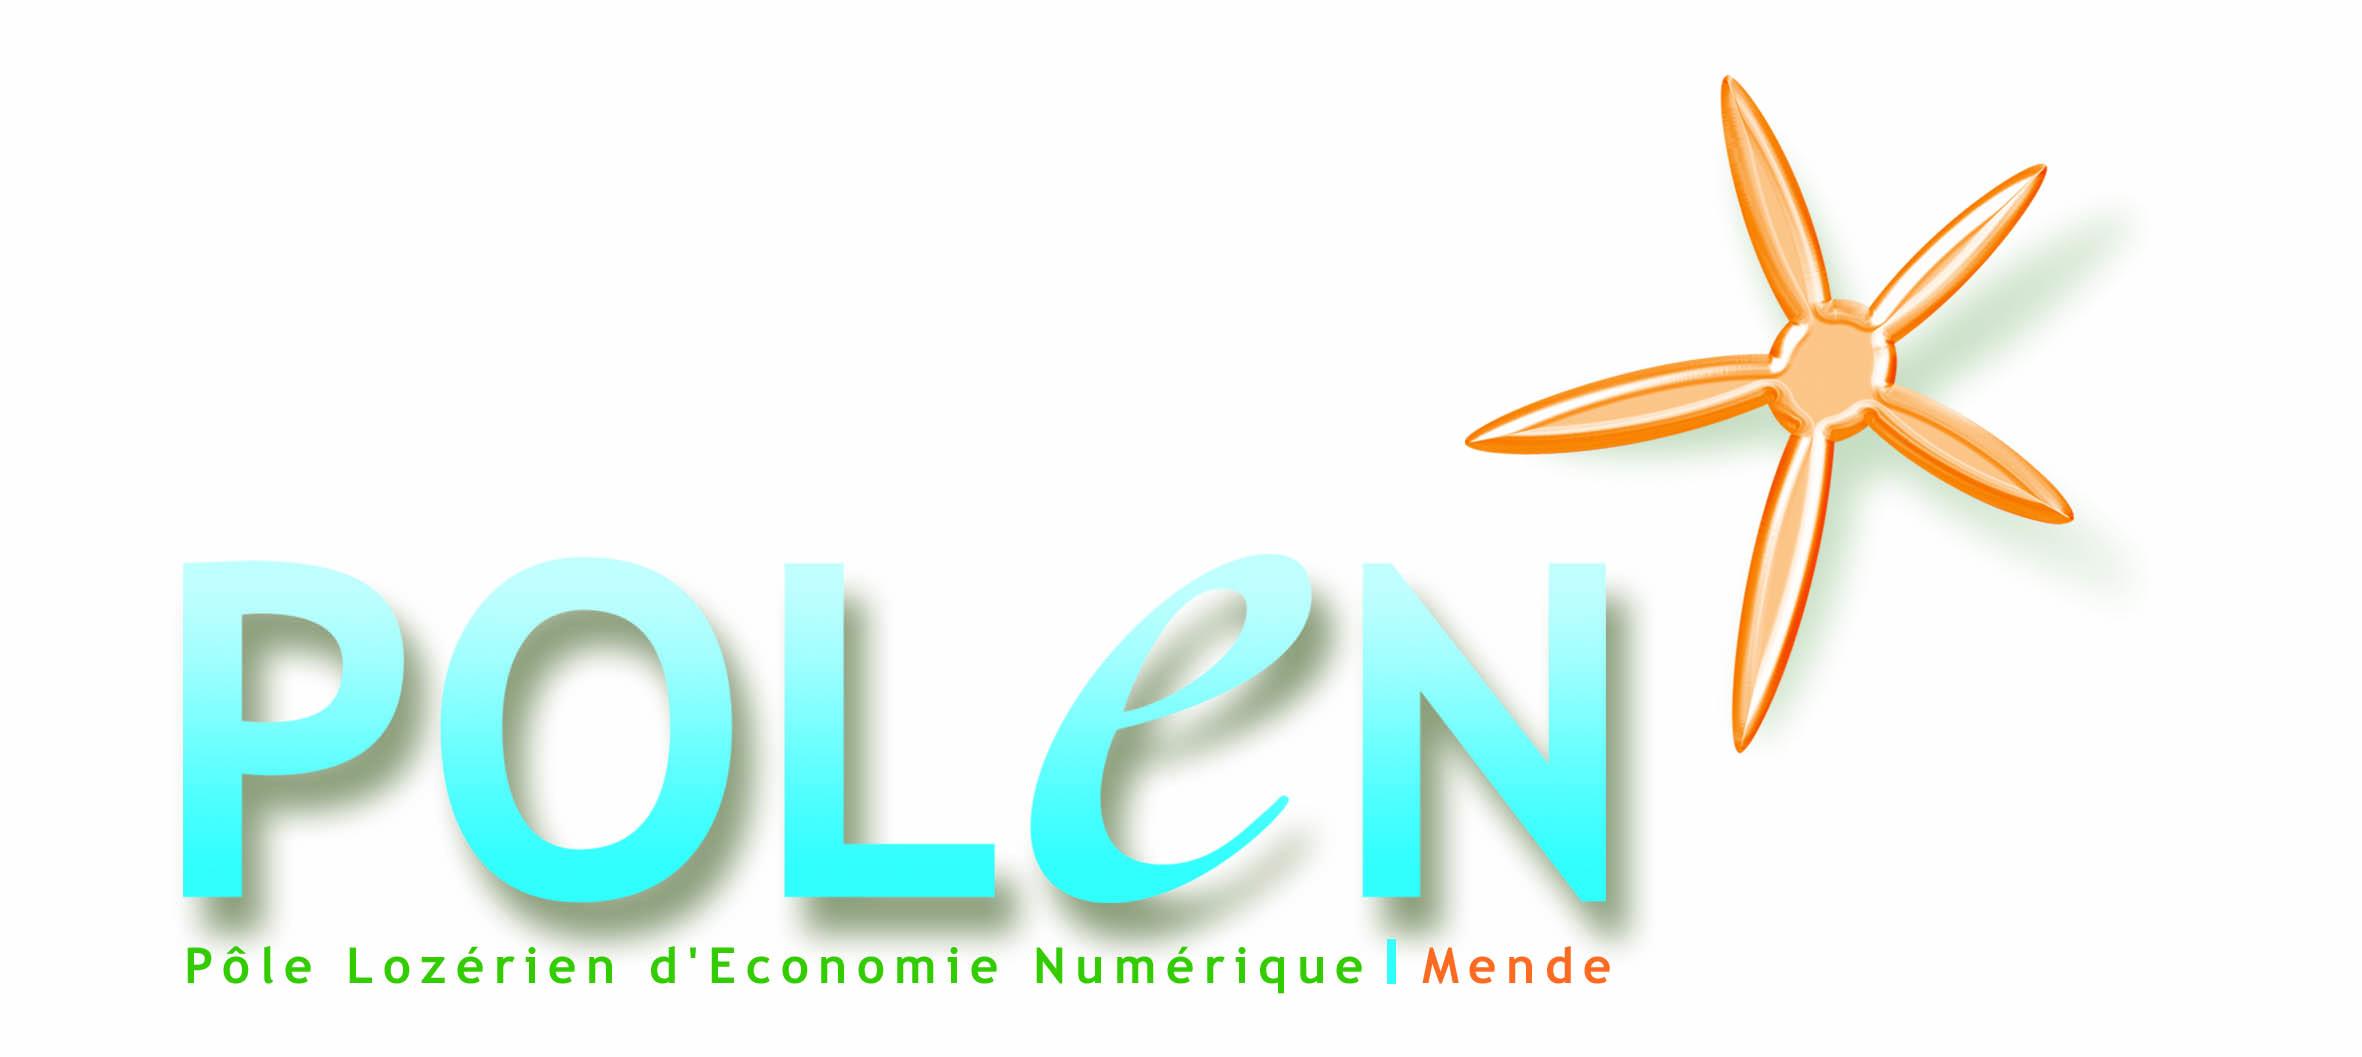 Polen, Pole Lozérien de l'Economie Numérique